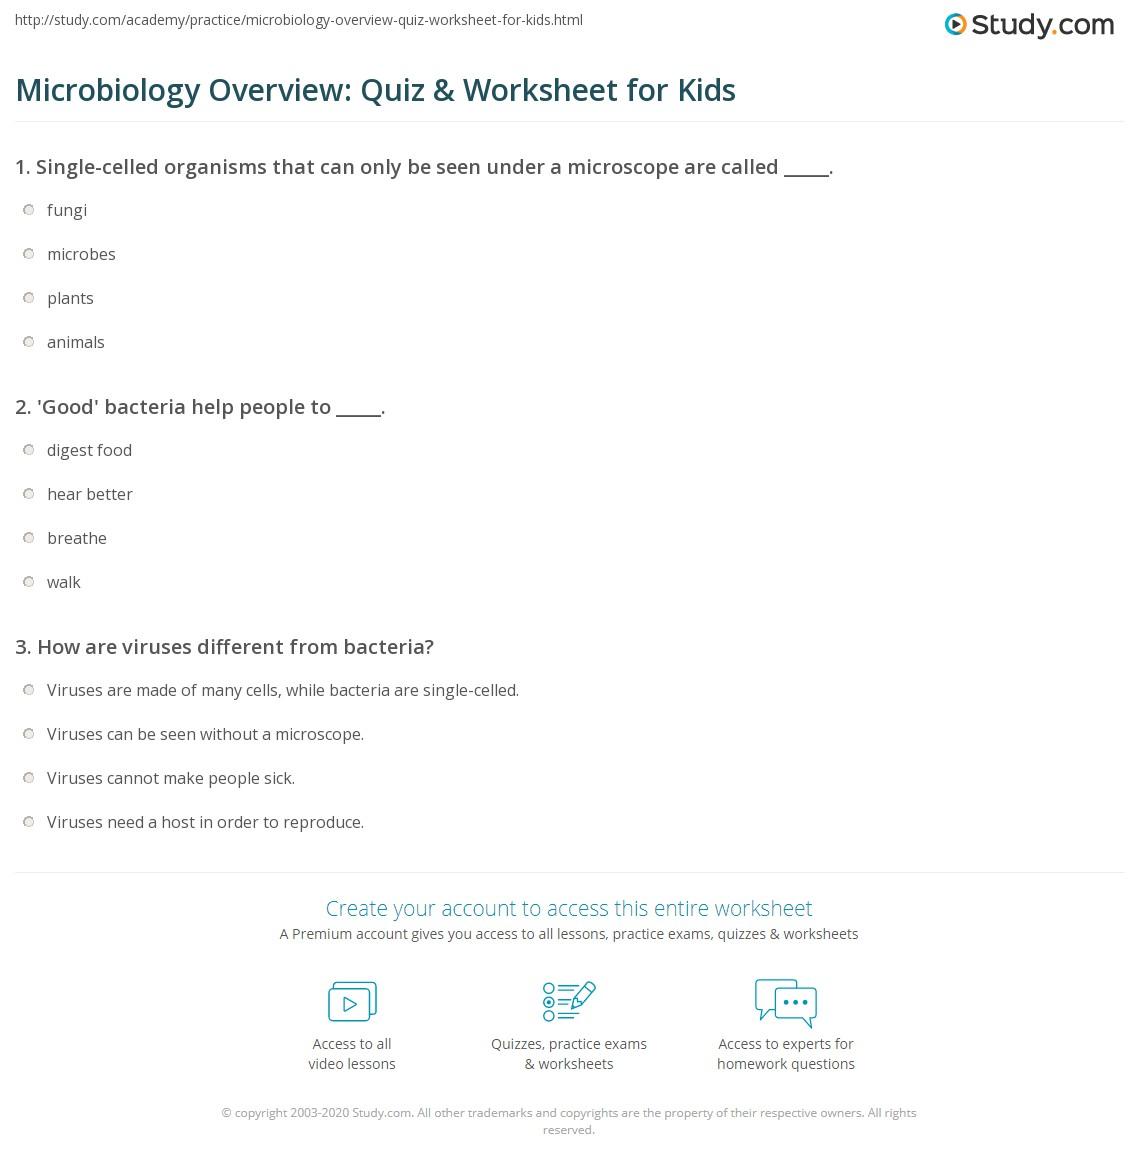 Free Microbiology Worksheet